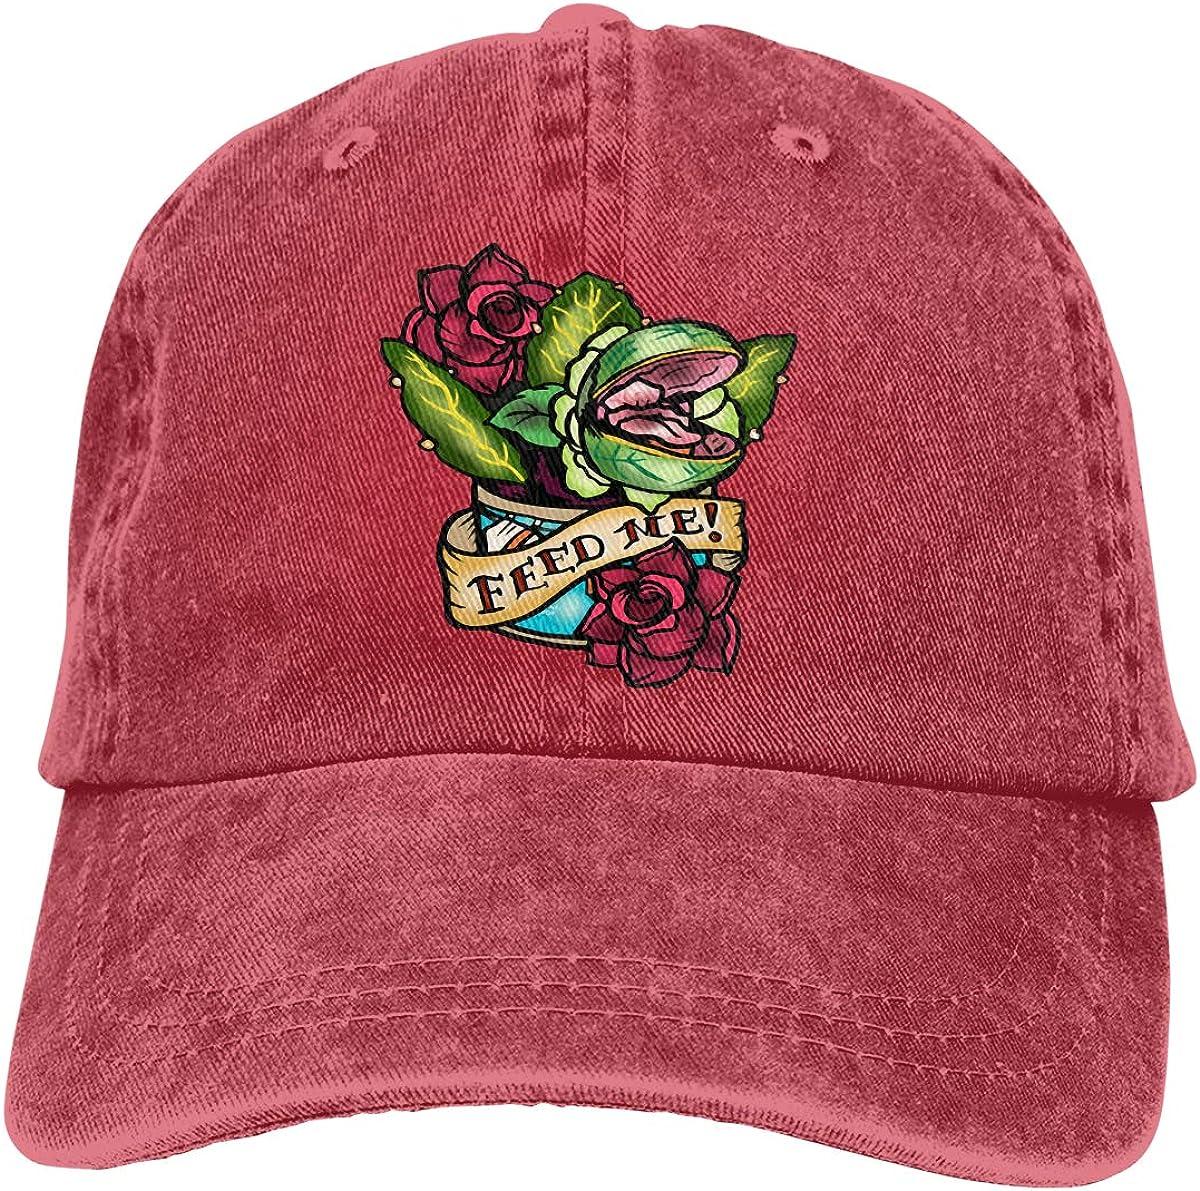 Q89 Feed ME Adult Trendy Cowboy Hat Hip Hop Cap Adjustable Baseball Cap